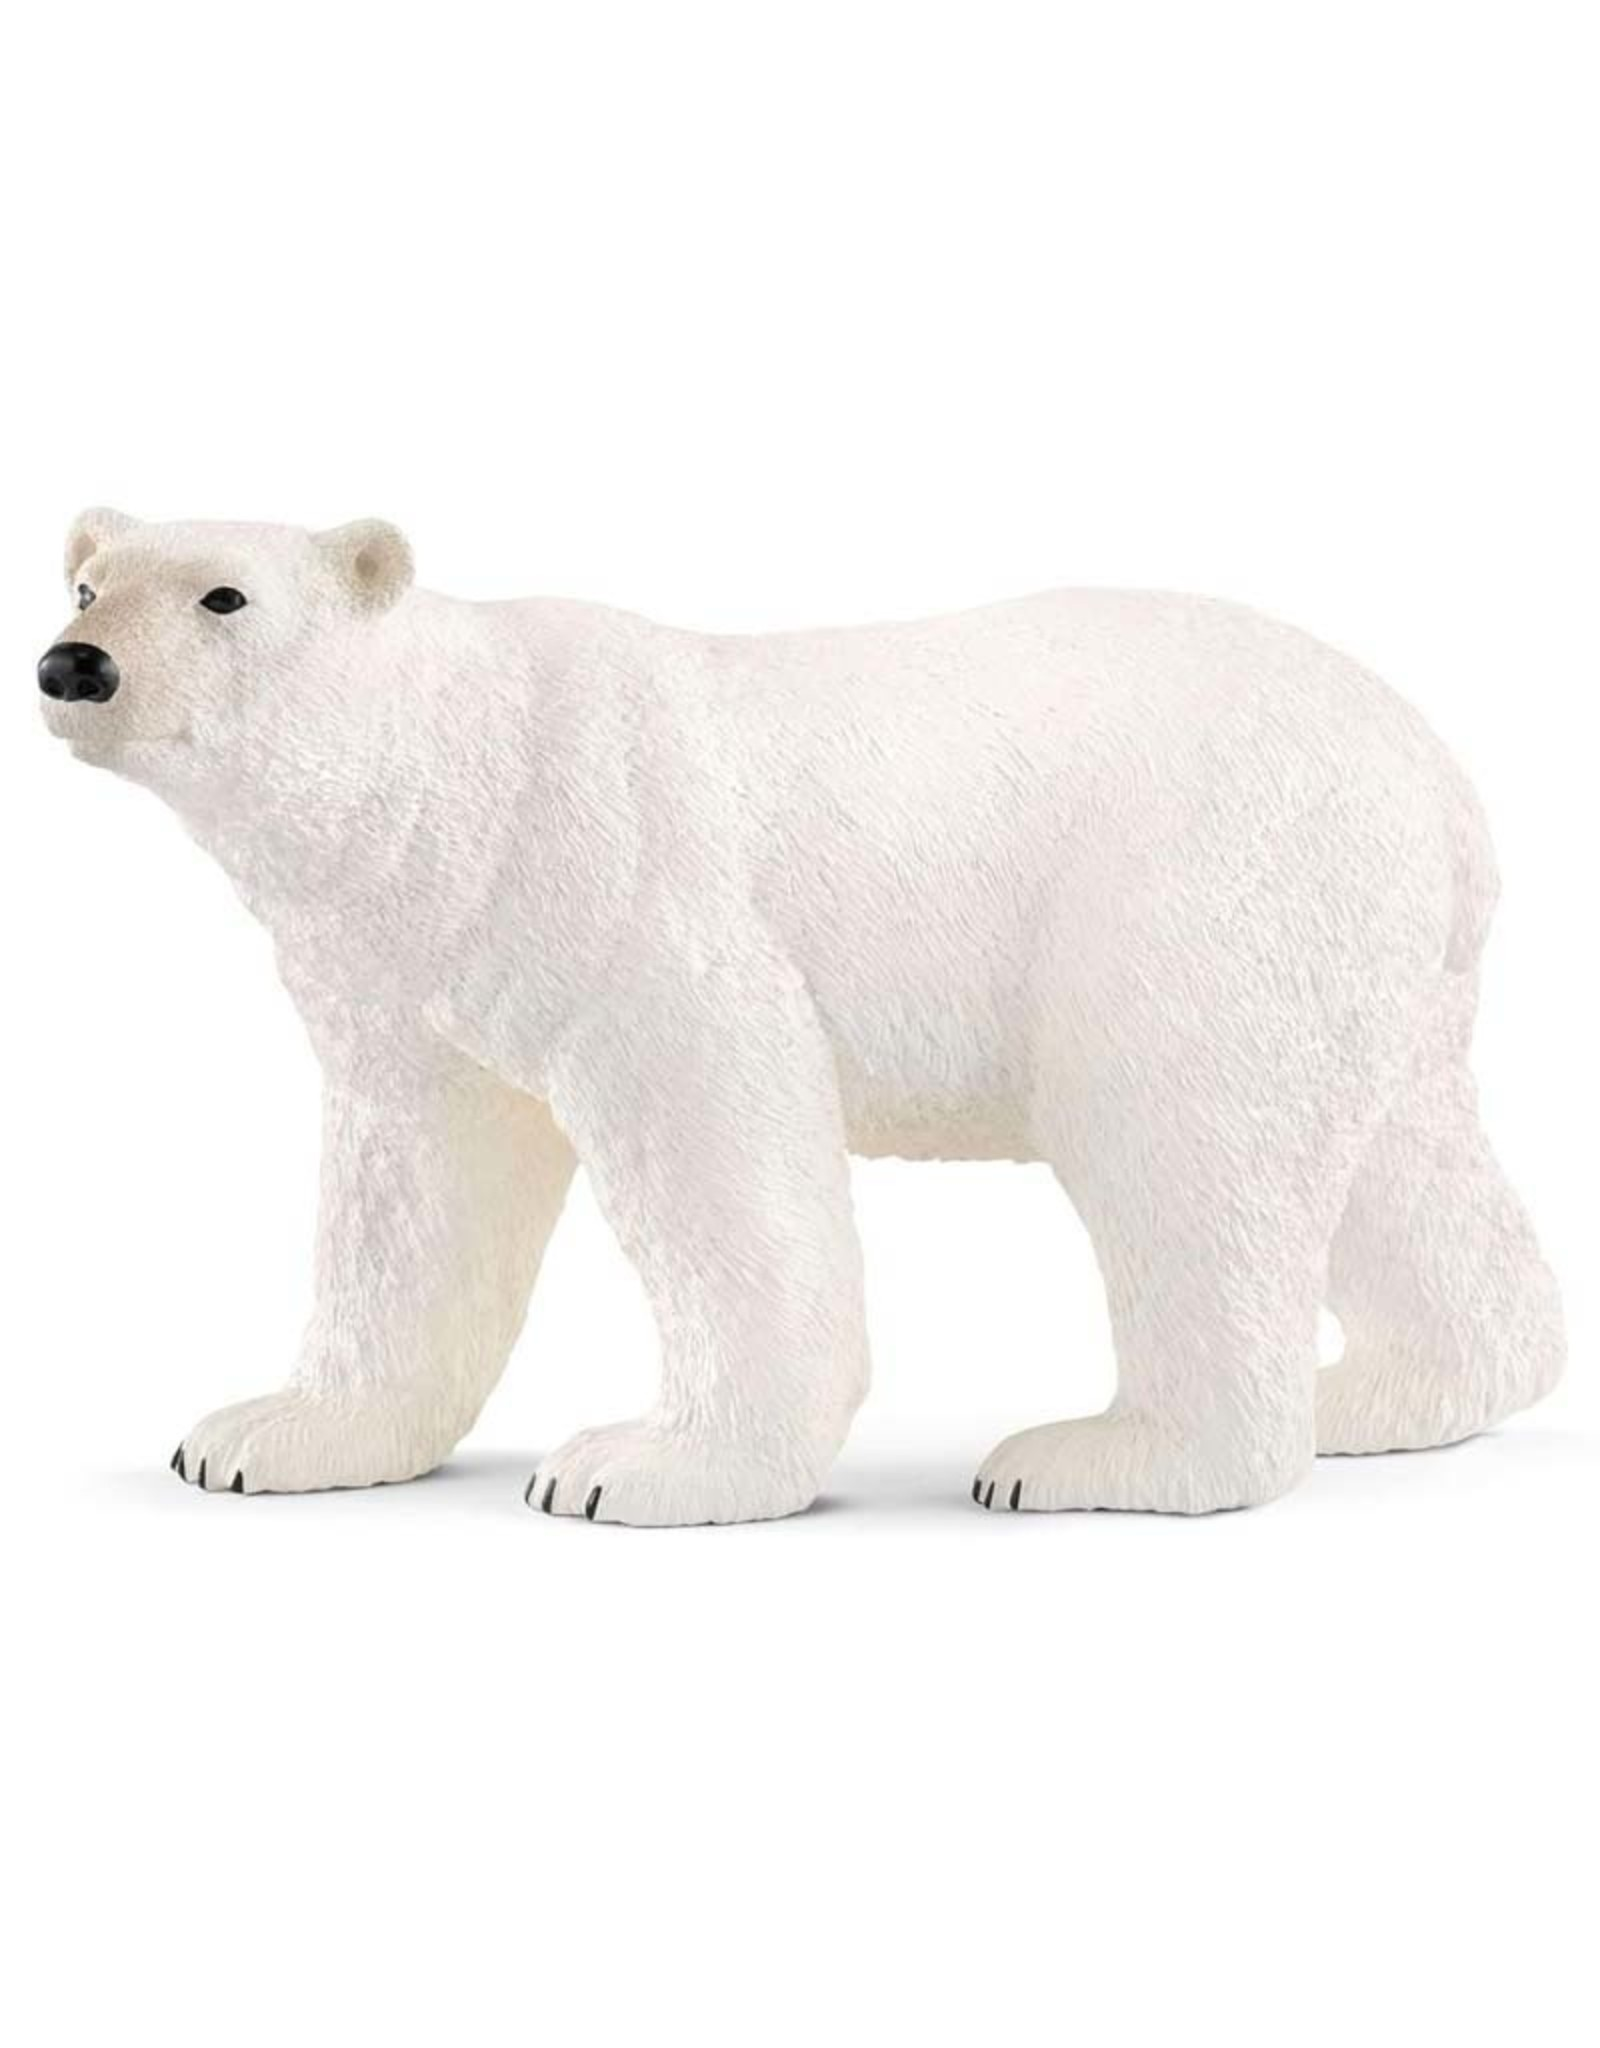 Schleich Schleich Polar Bear New 2018